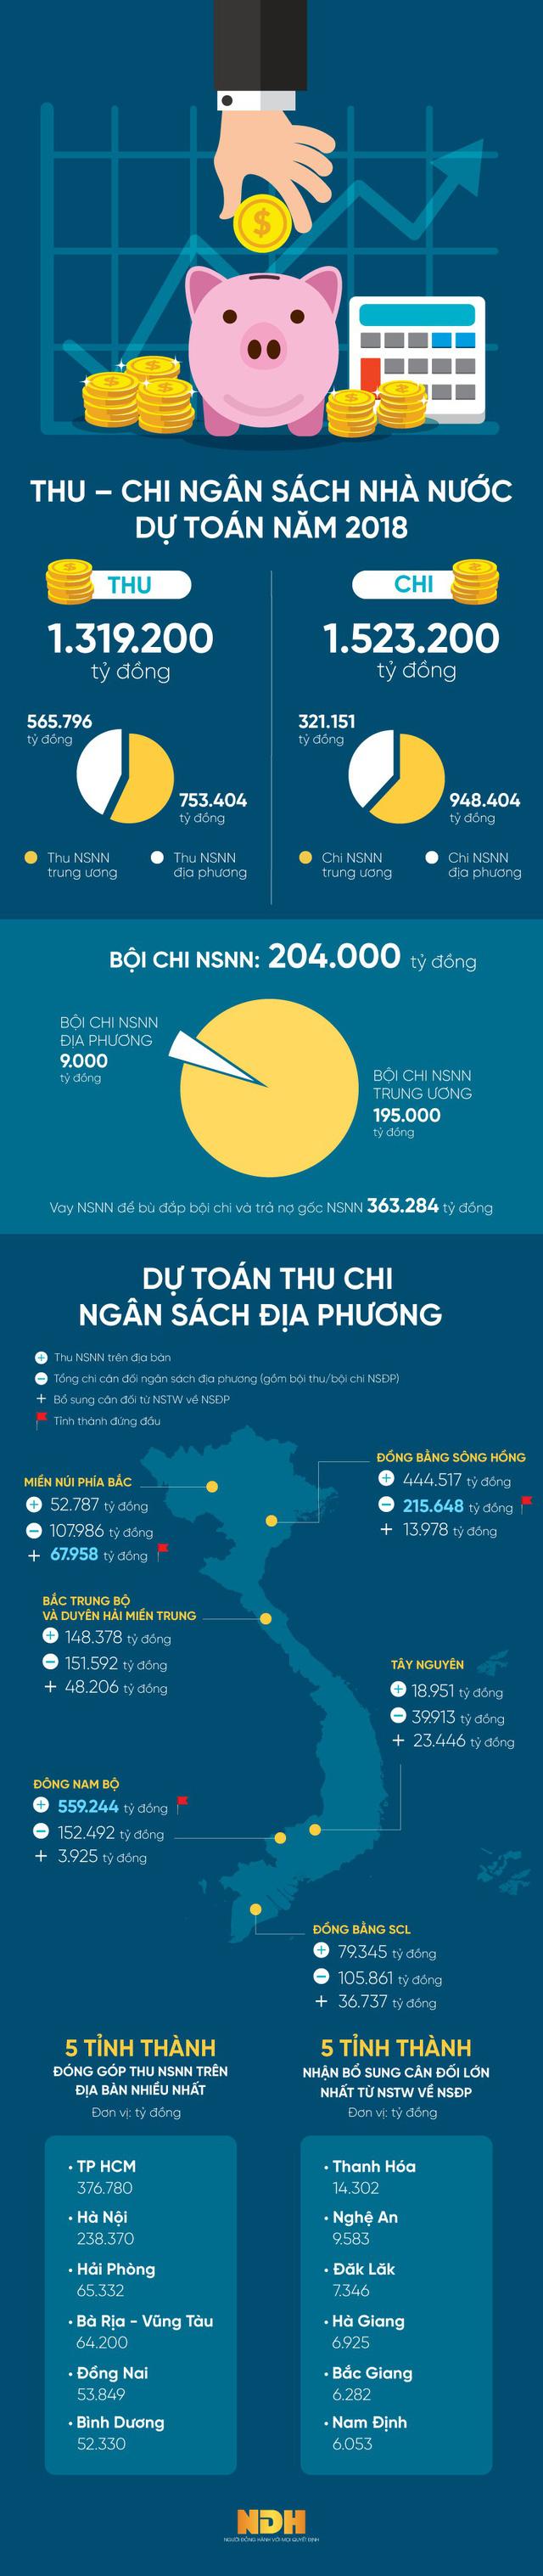 [Infographic] Dự toán NSNN 2018: TP HCM là tỉnh thành góp thu ngân sách lớn nhất - Ảnh 1.